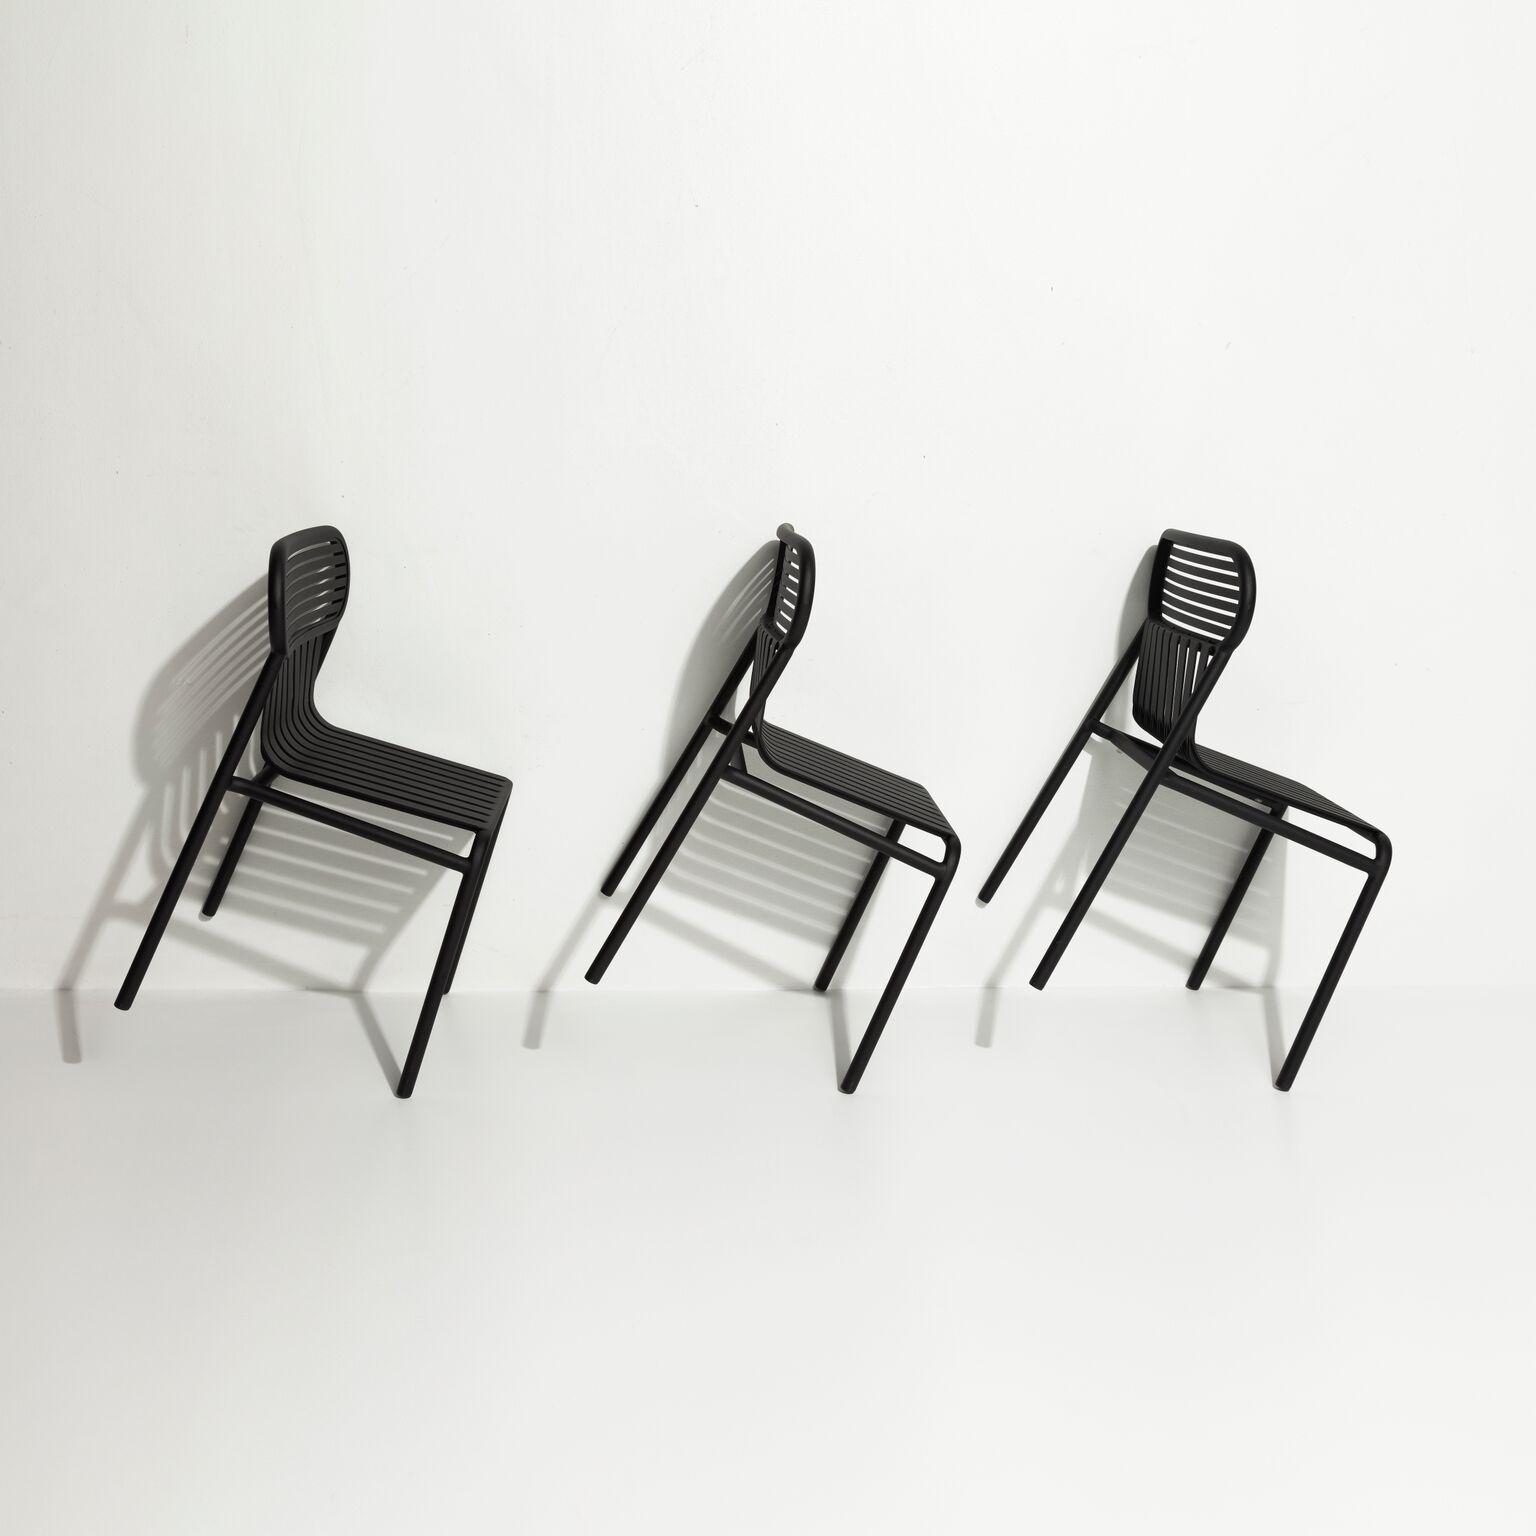 Chaise De Jardin Design Week-End - 5 Coloris - Petite ... destiné Banc De Jardin En Aluminium